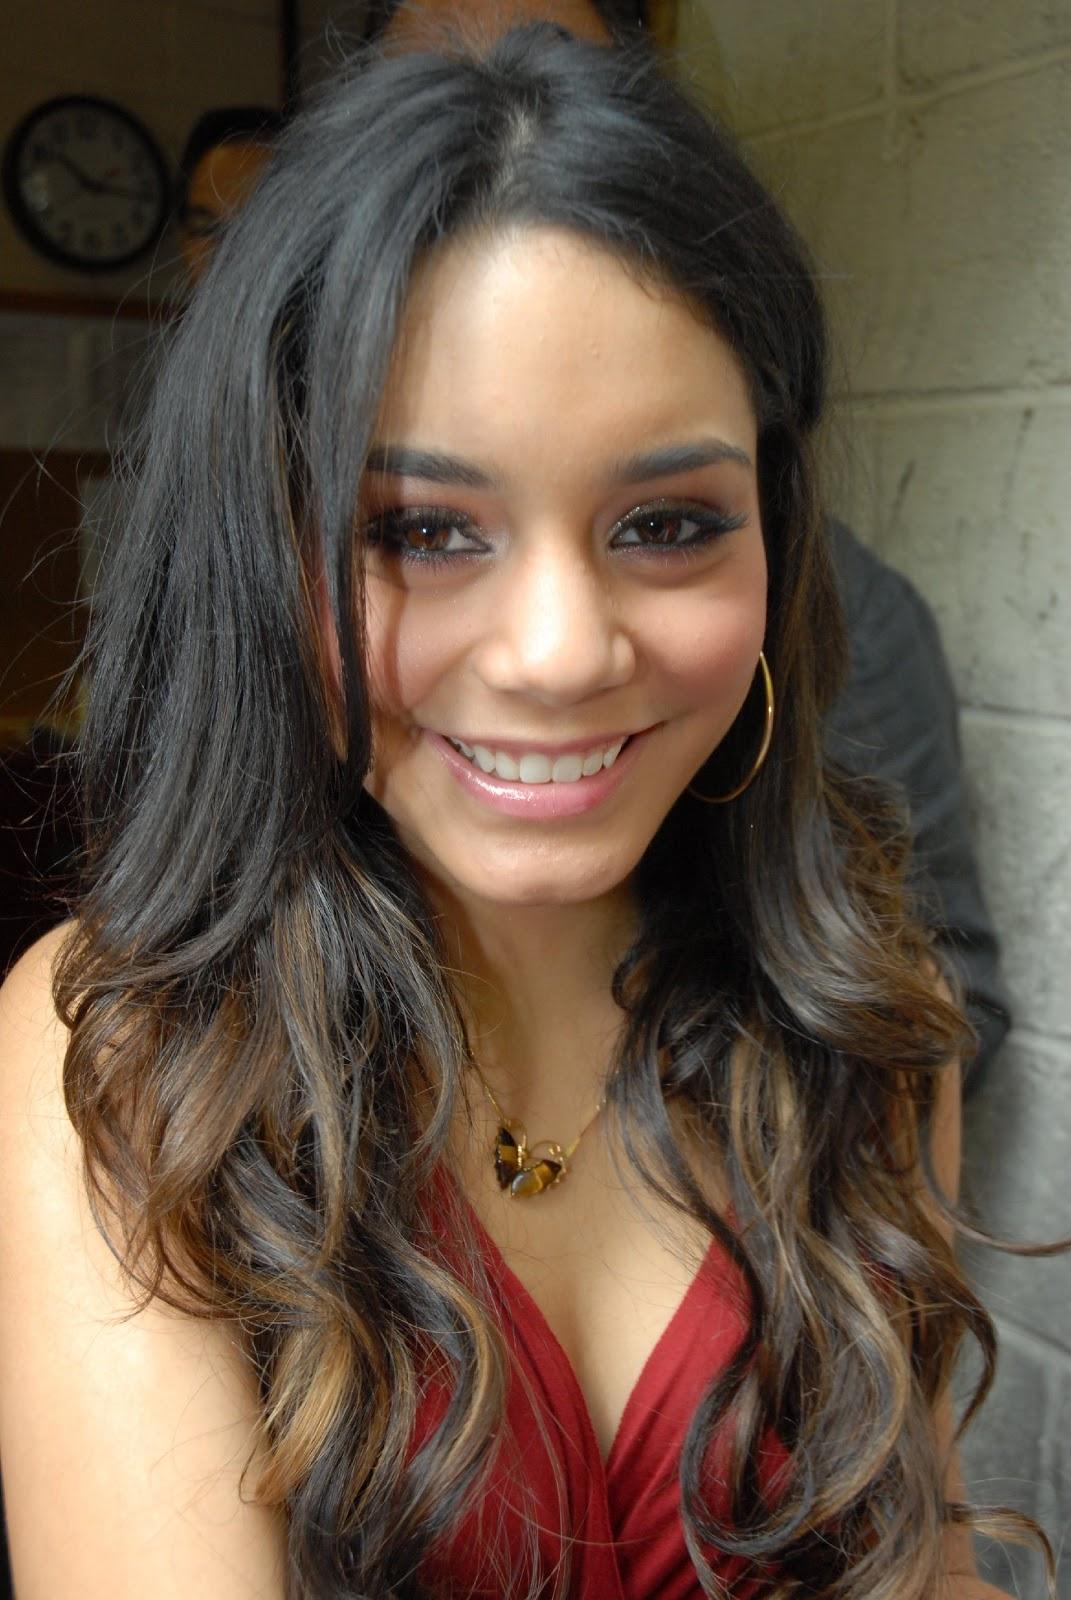 Sexy Pics Of Vanessa Hudgens 6